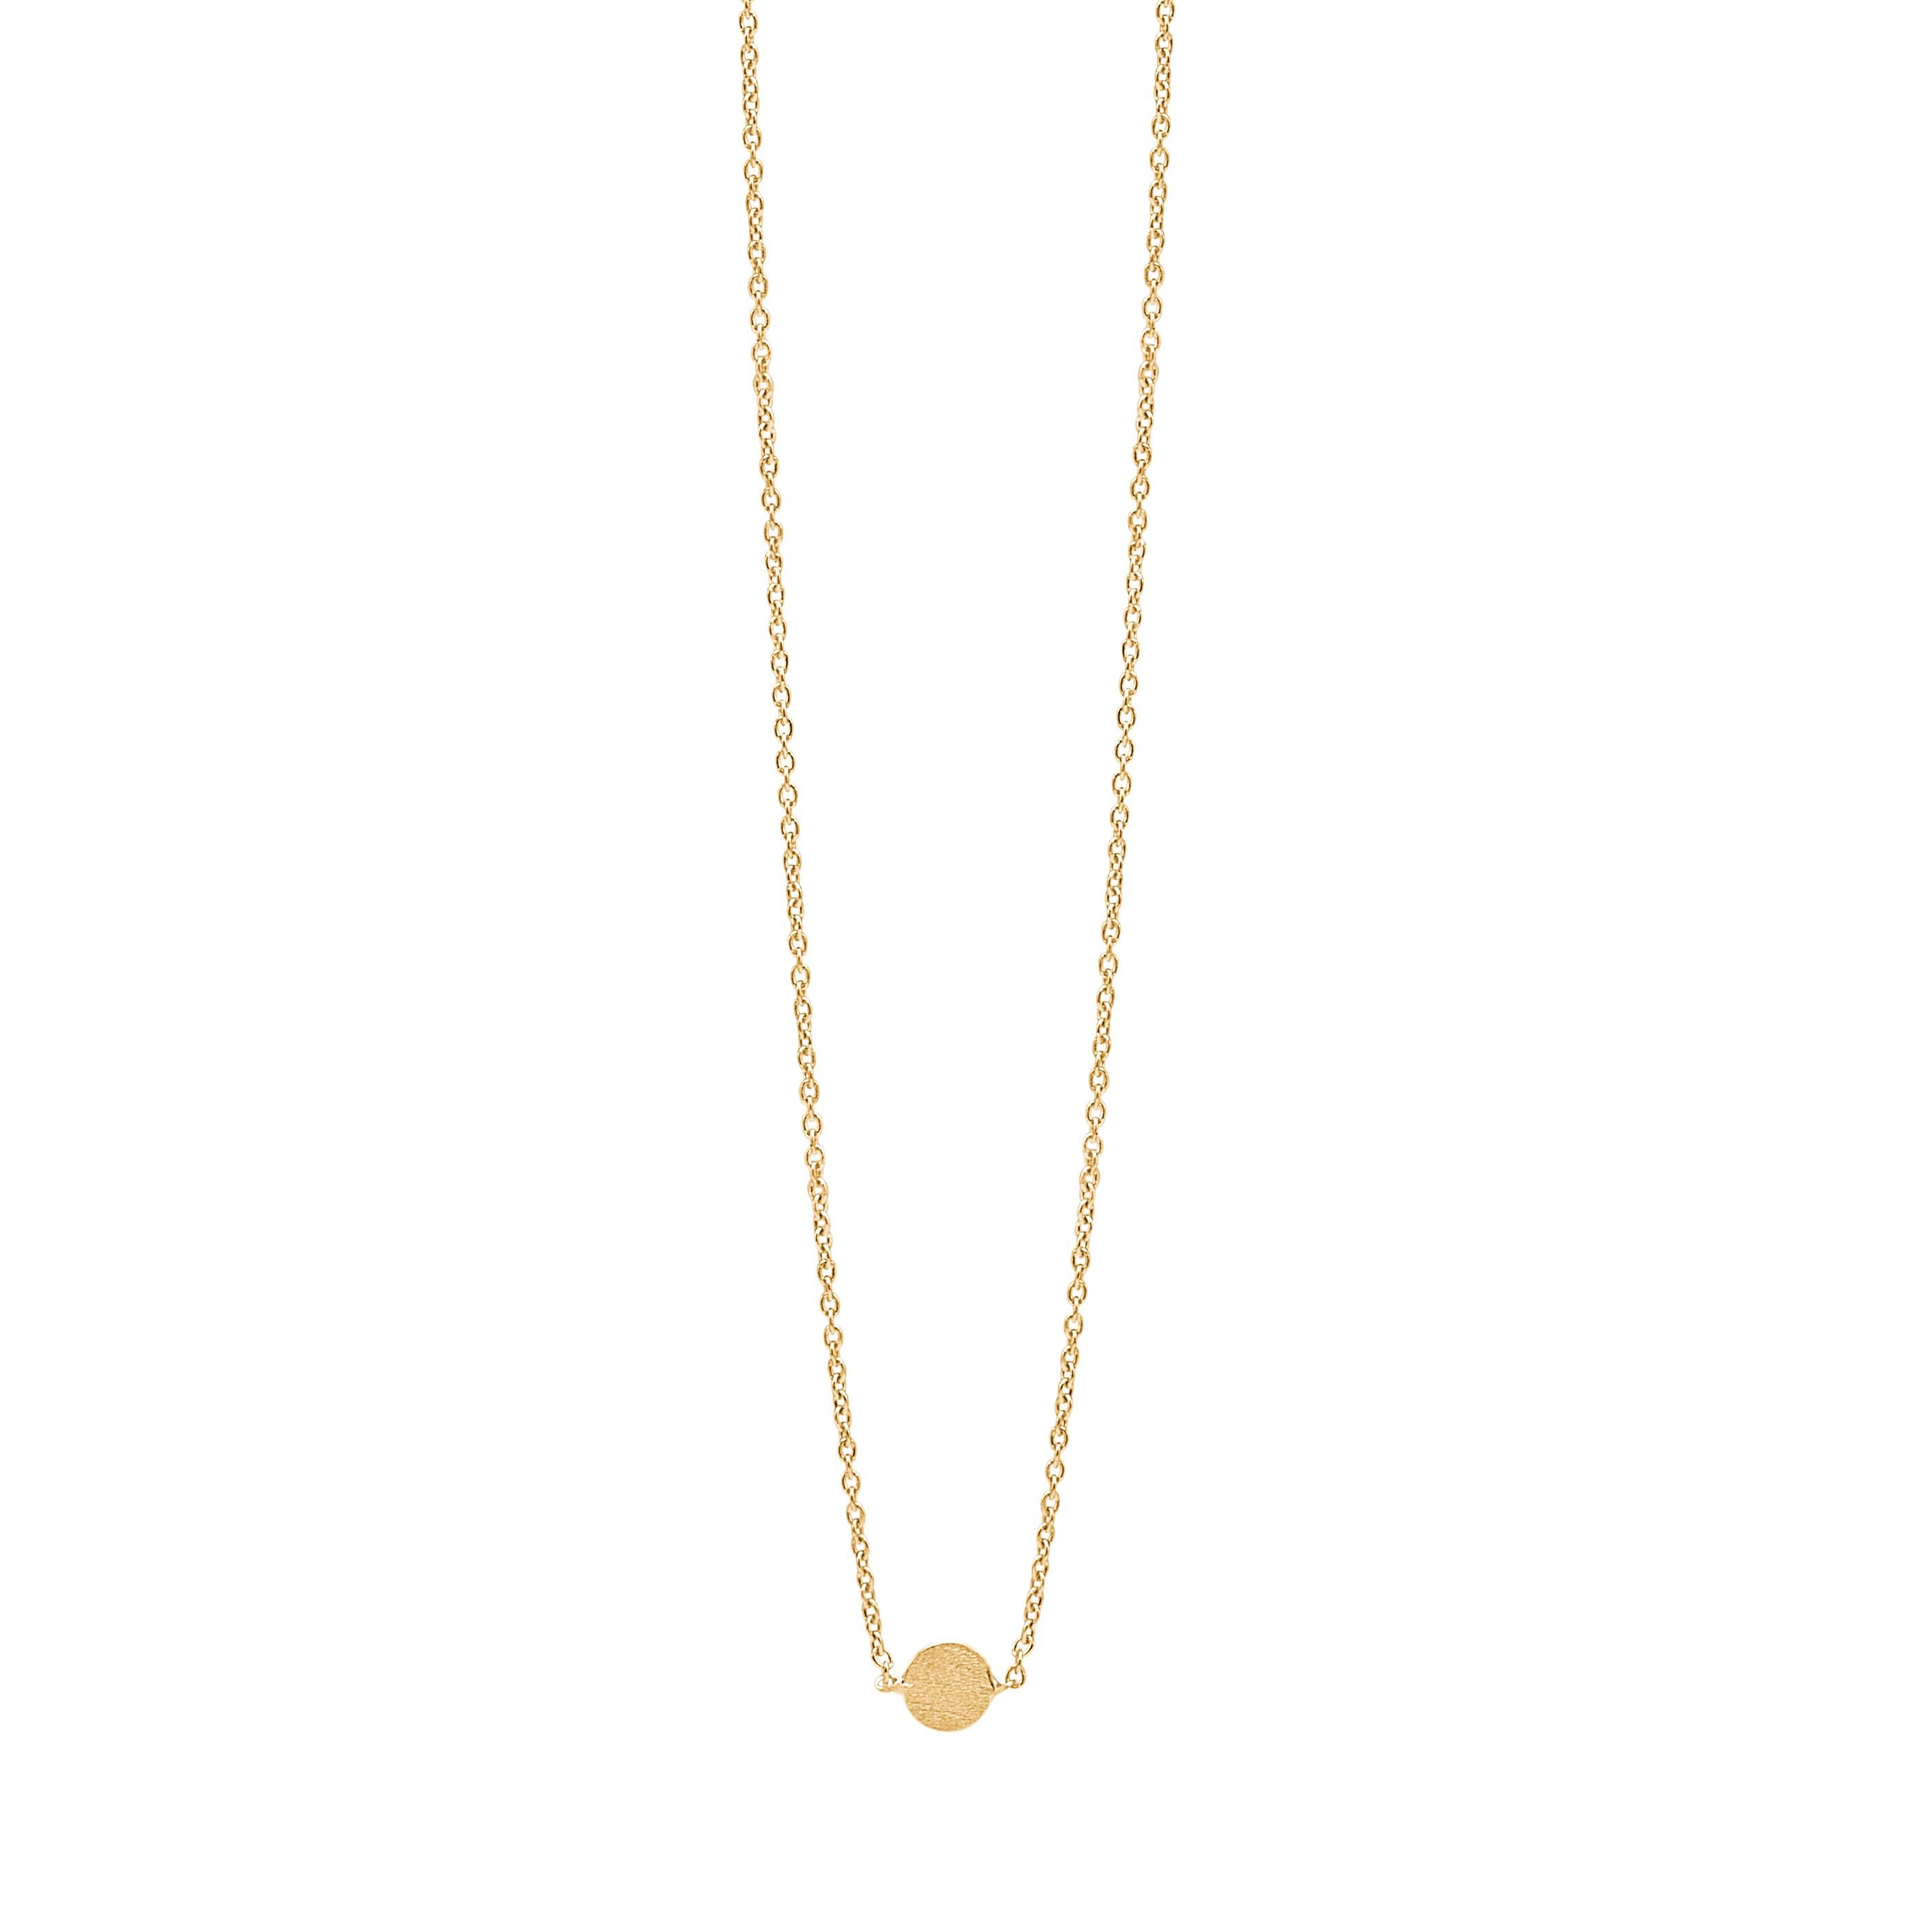 Coin halskæde i guld fra Enamel